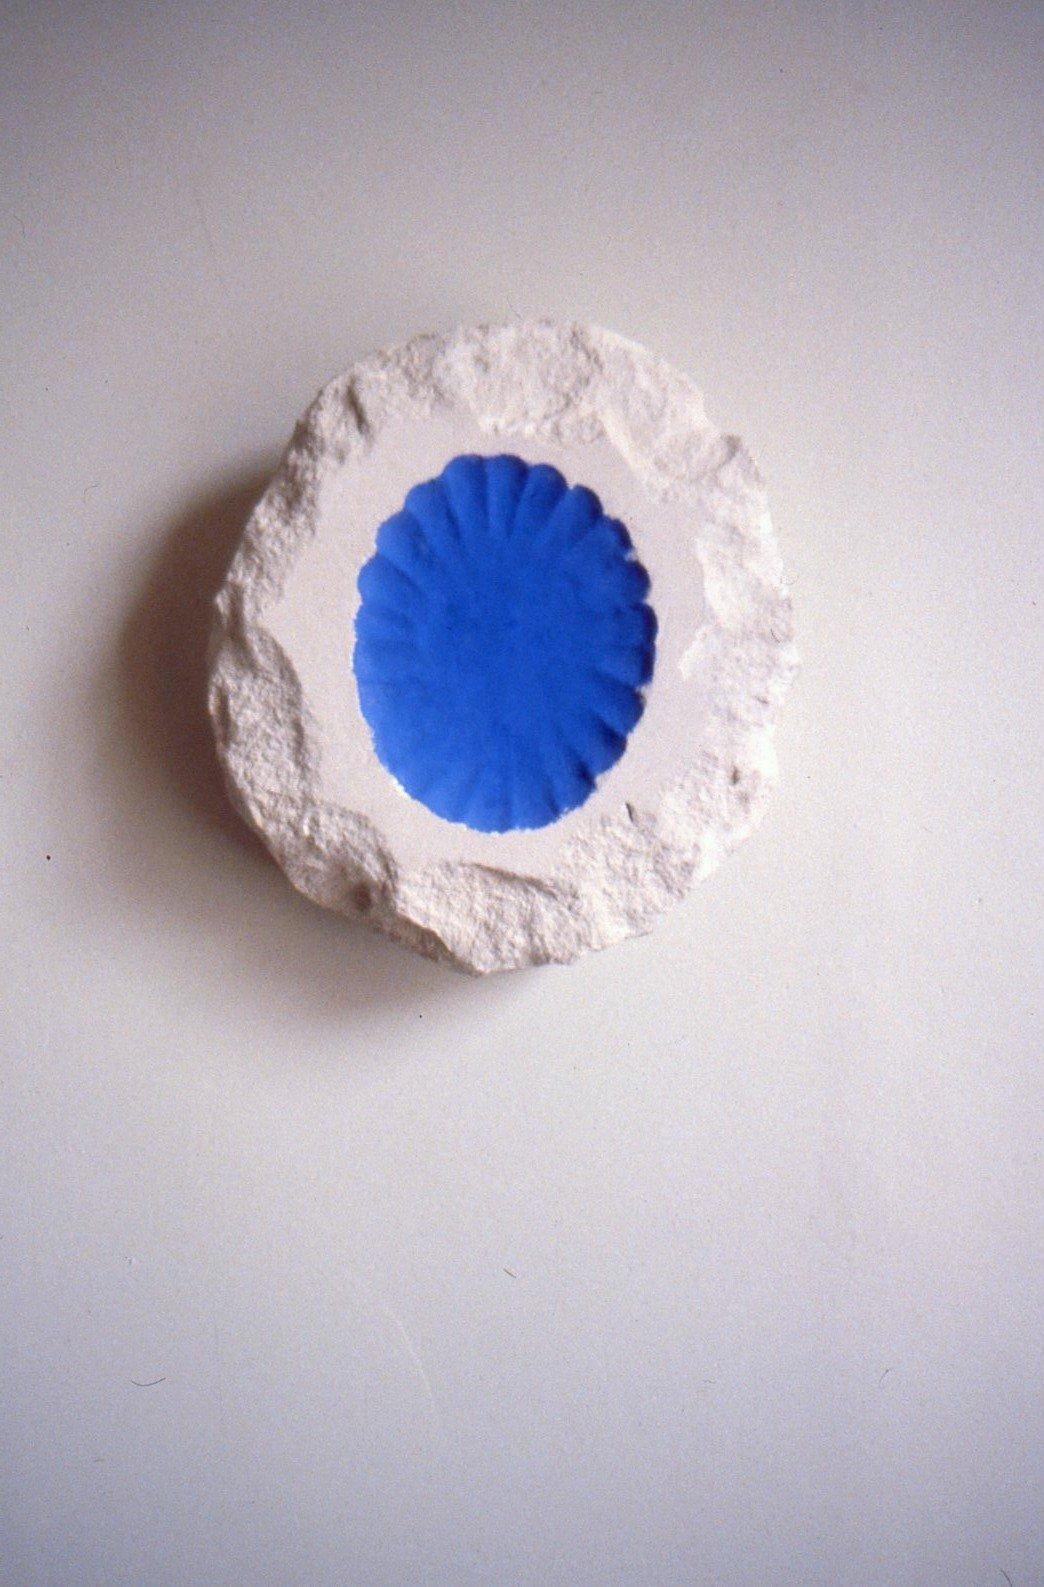 Pigment in Stone V